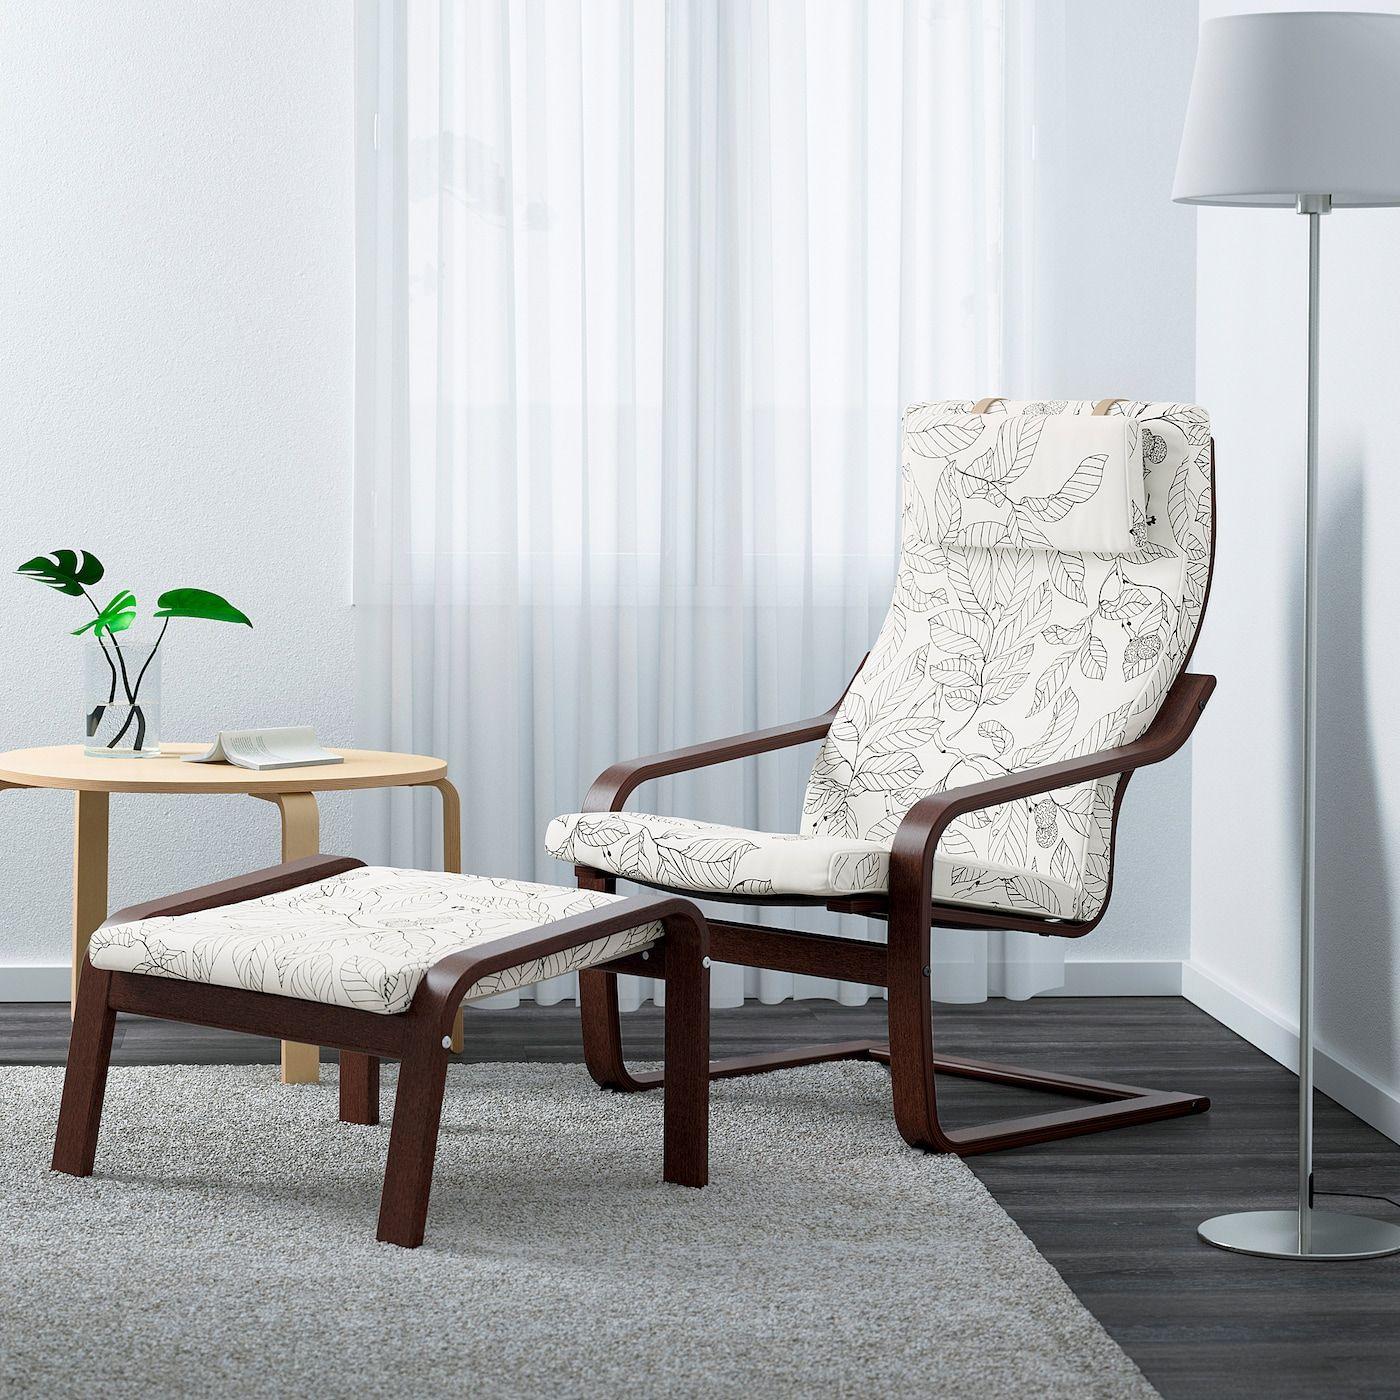 Ikea Poang Armchair Brown Vislanda Black White In 2020